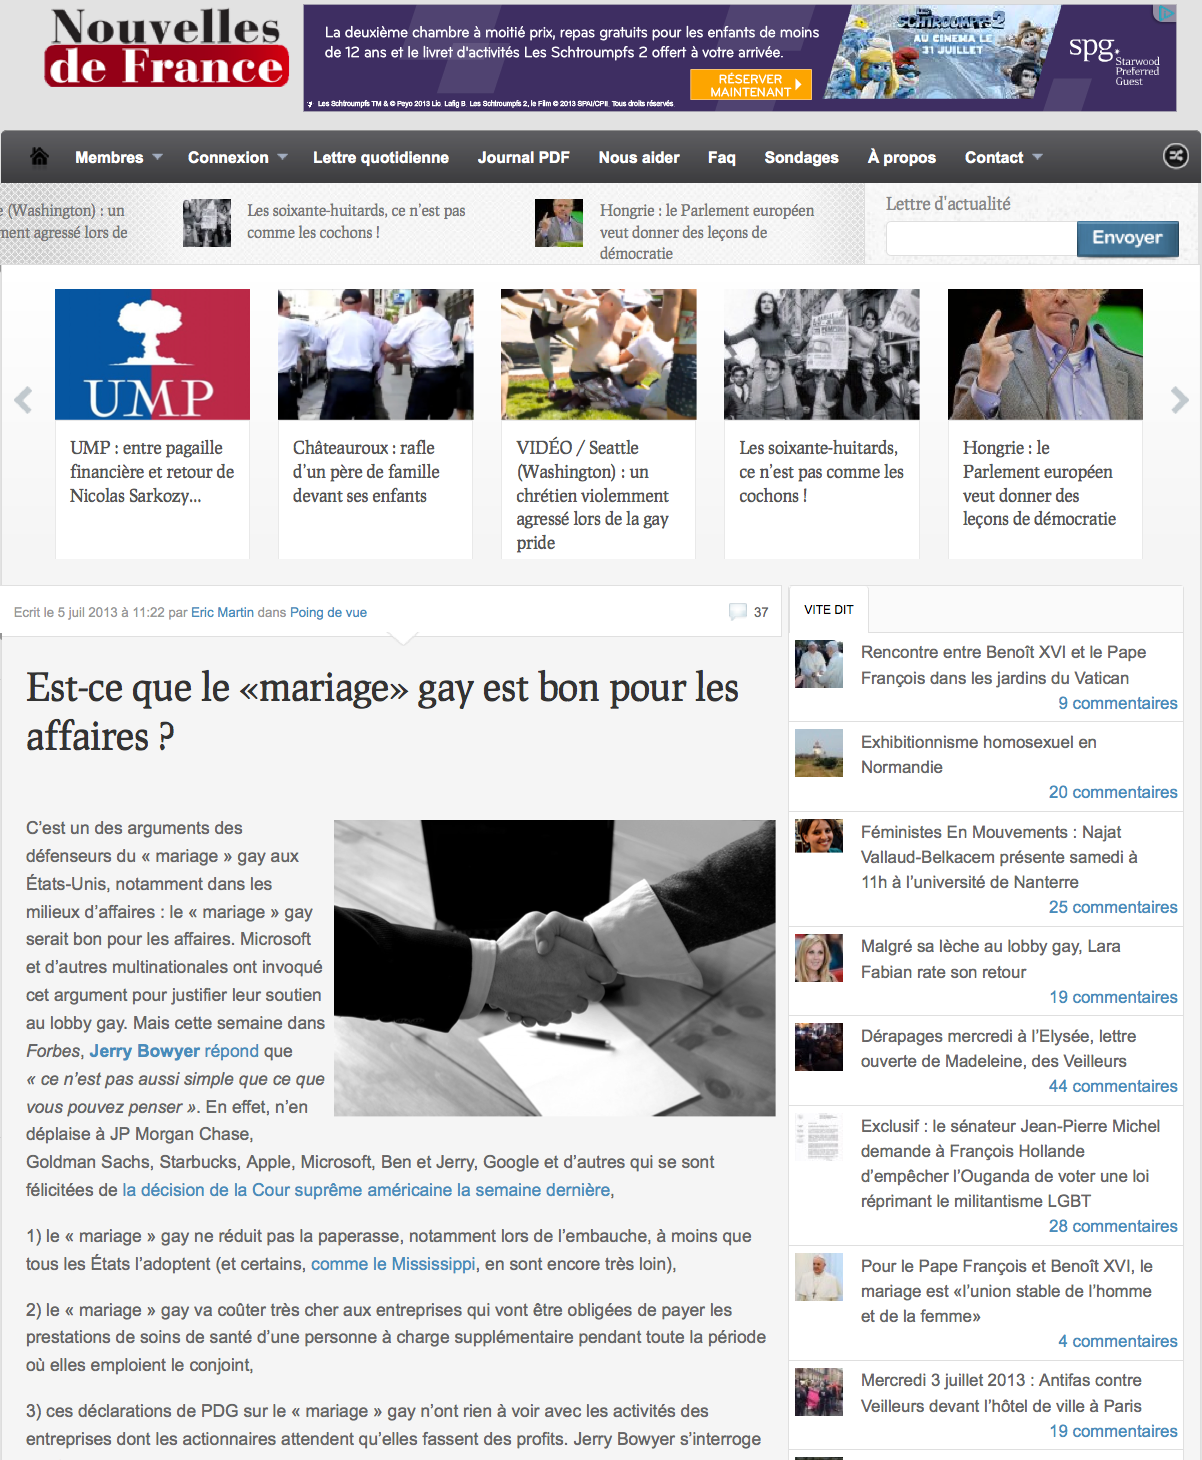 Tendance : Quand les anti-mariage pour tous s'obstinent à tremper dans la propagande des amalgames